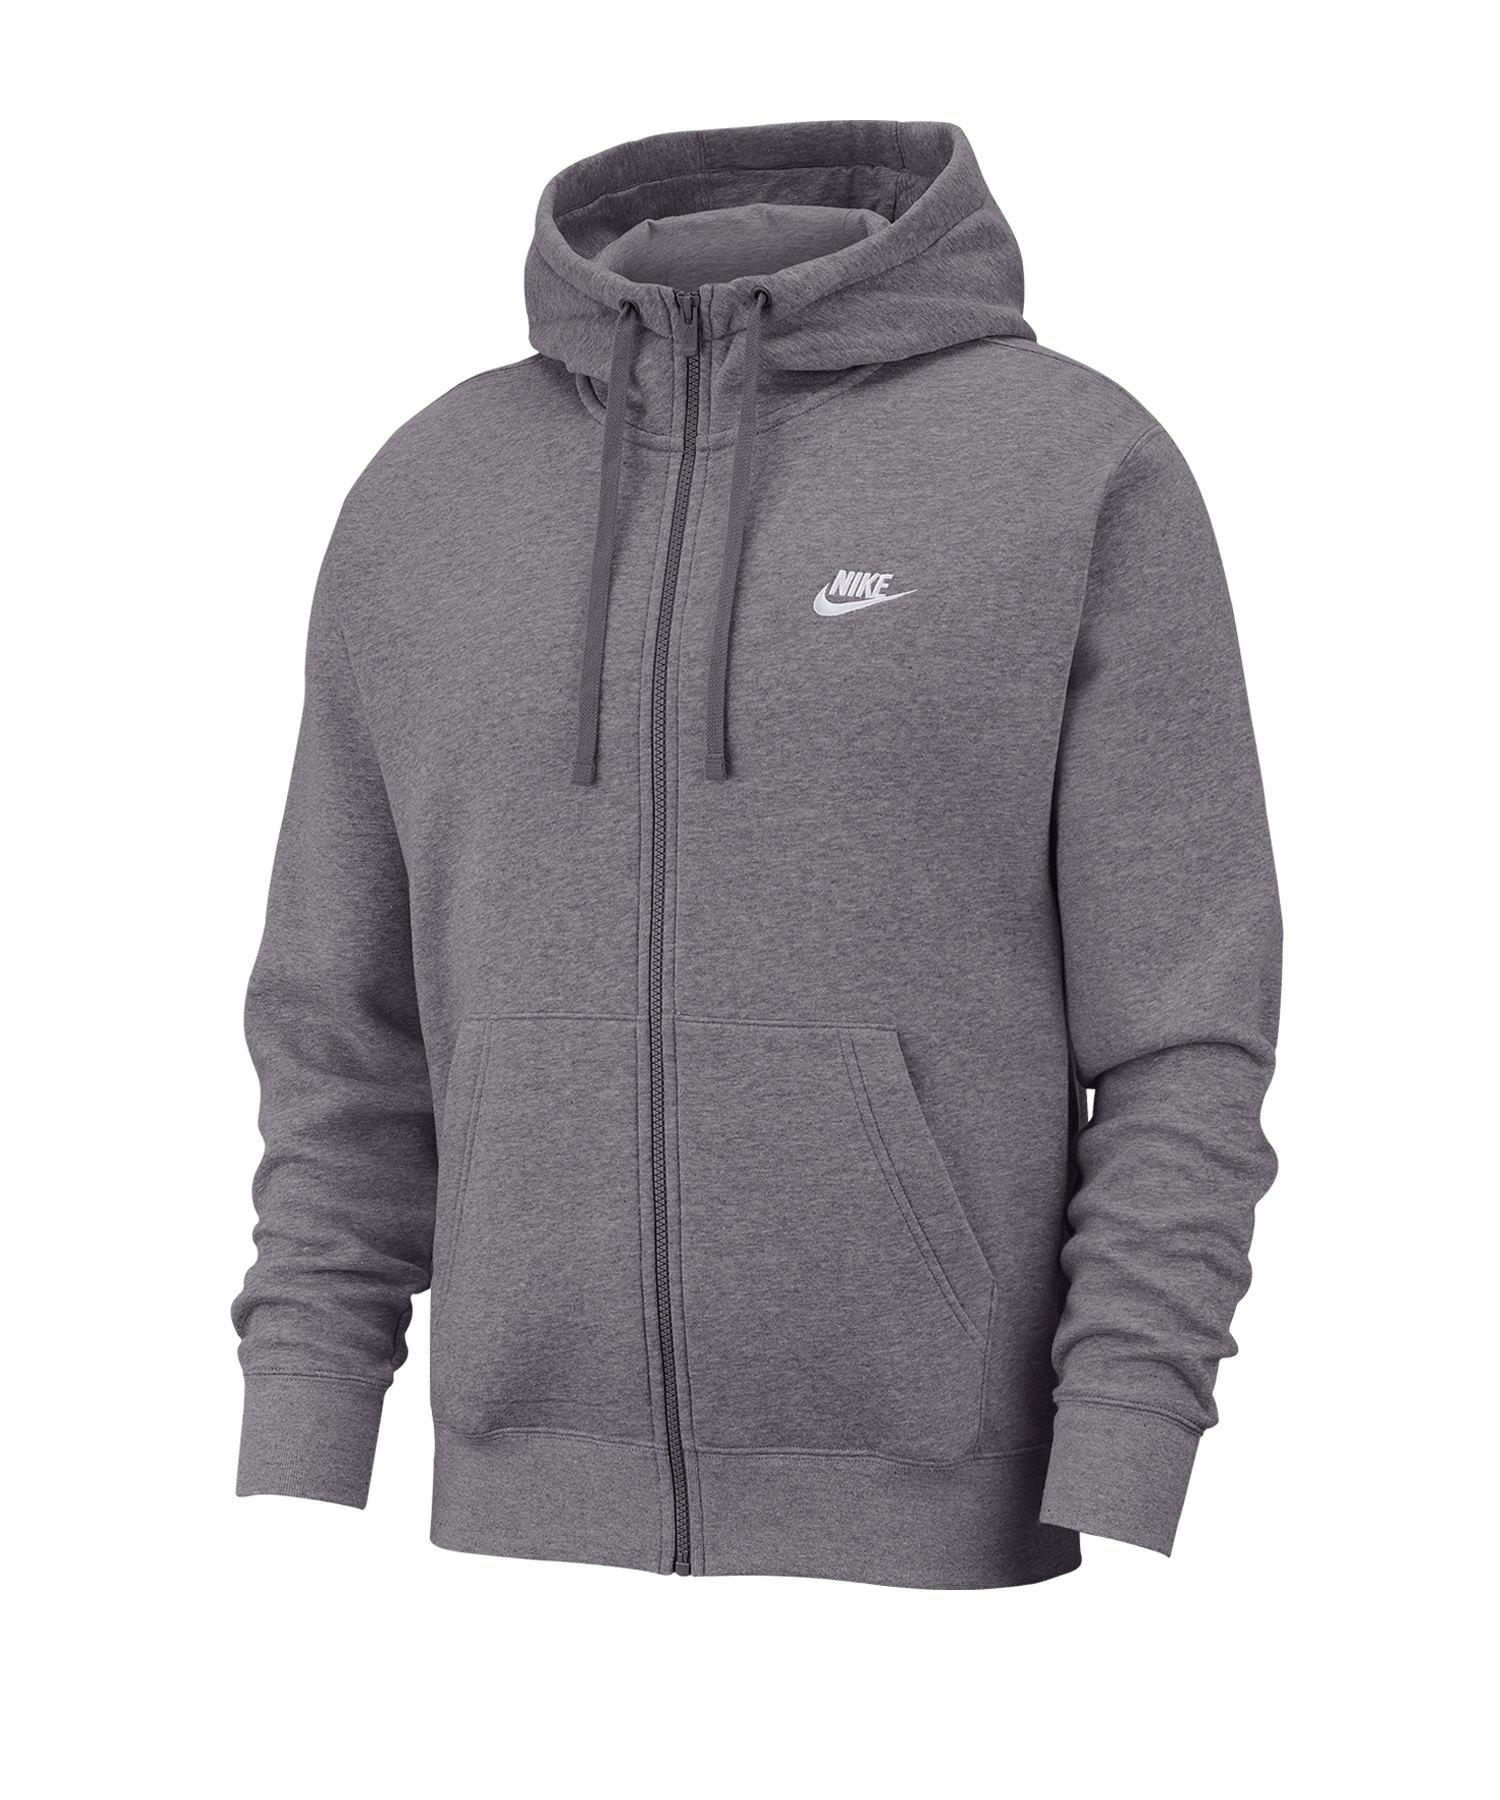 Nike Club Fleece Kapuzenjacke Grau F071 - grau